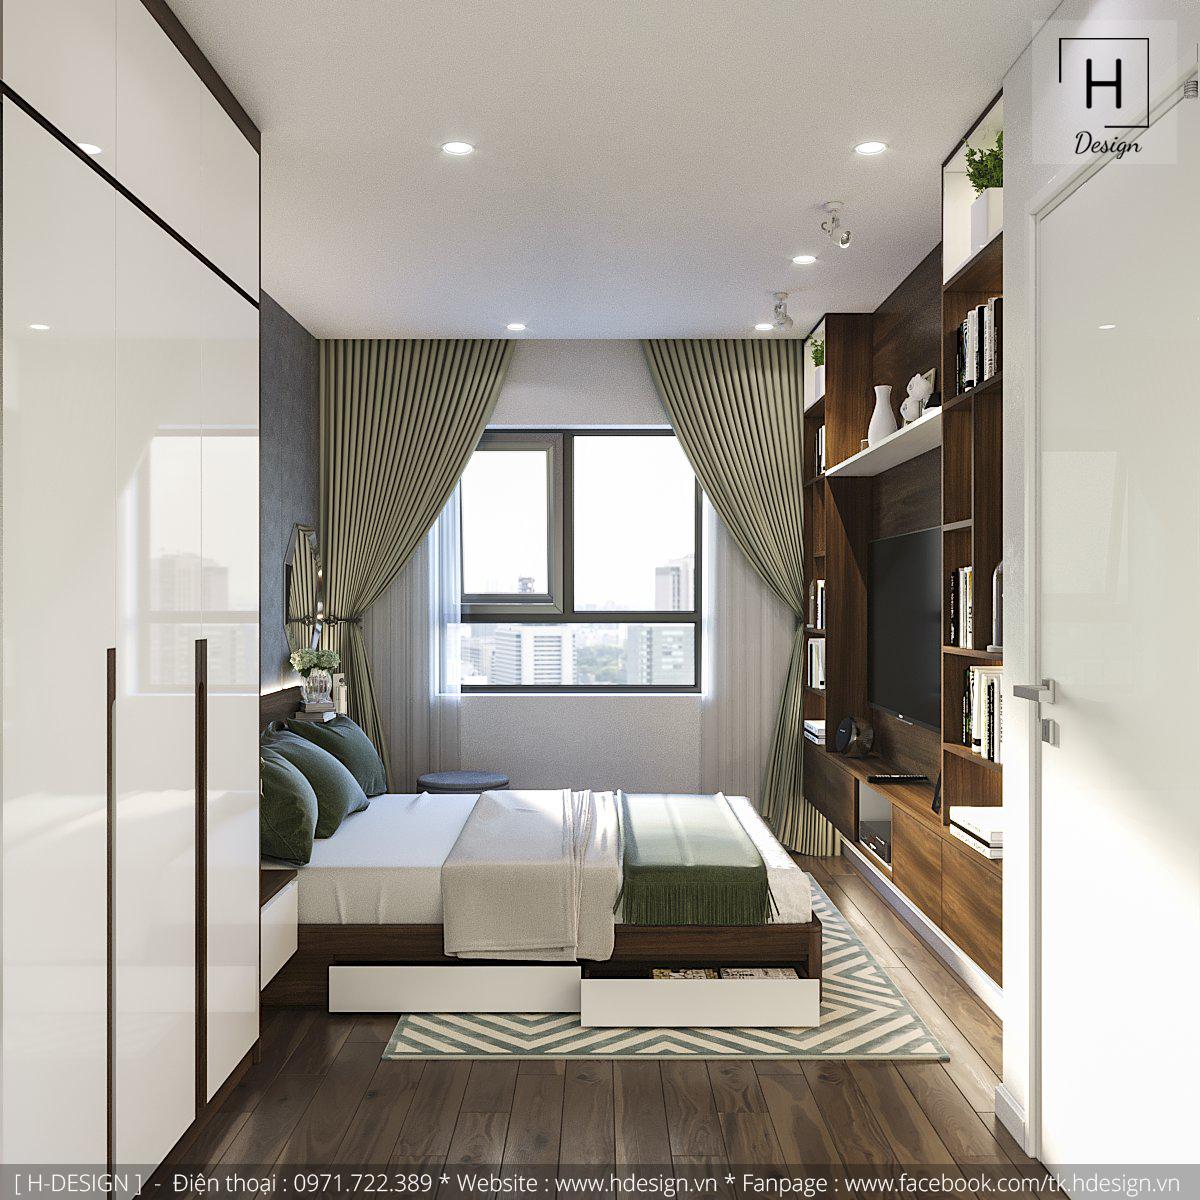 Nội thất phòng ngủ cho căn hộ Kosmo Tây Hồ